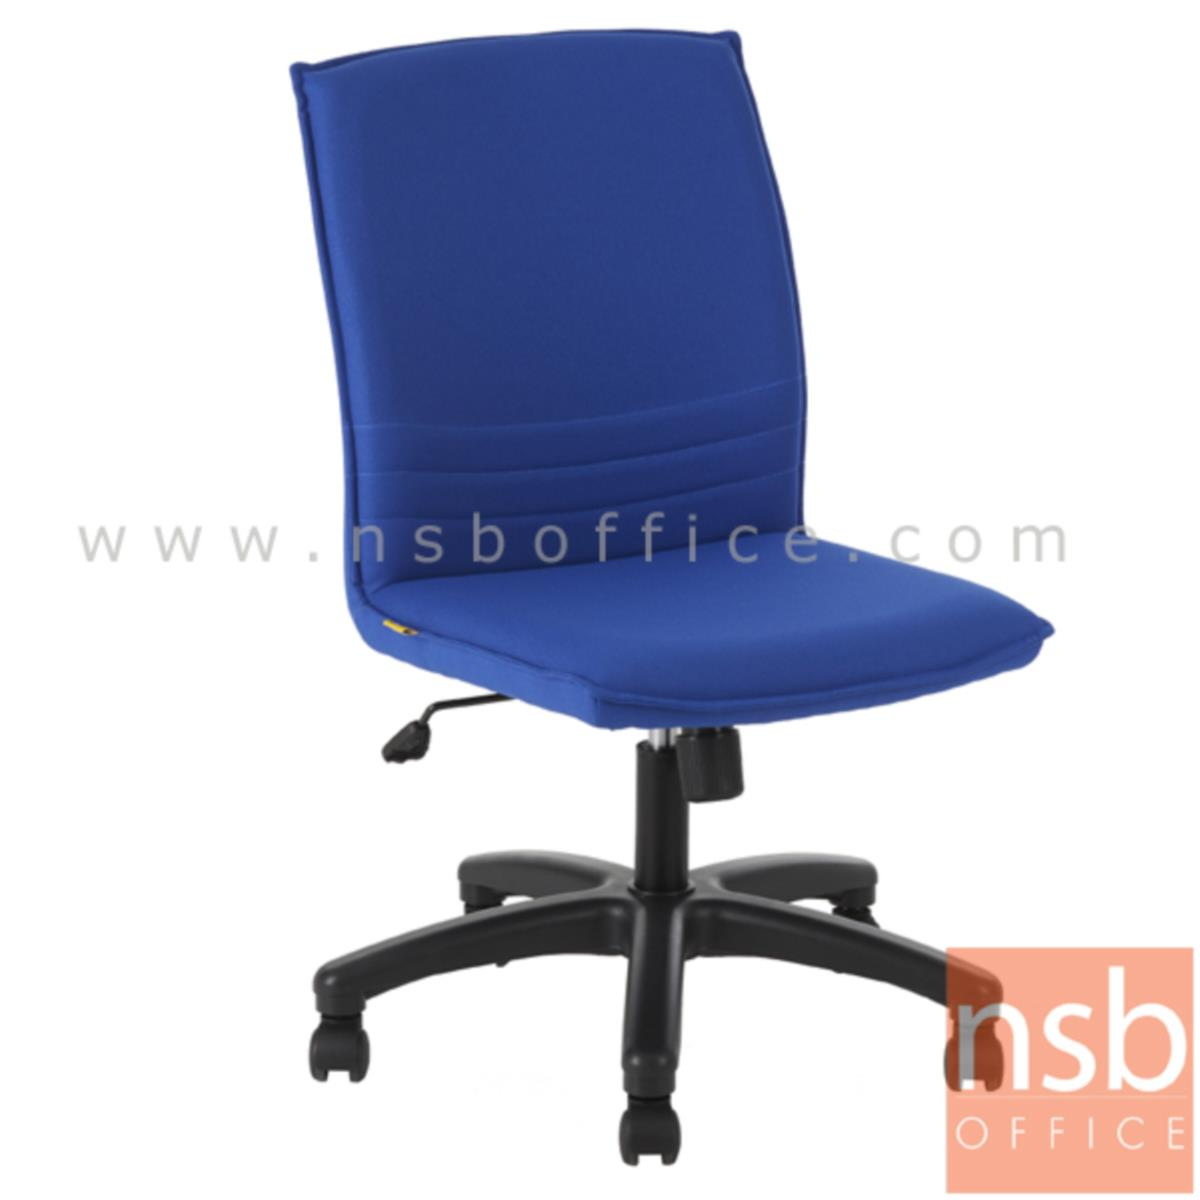 B03A402:เก้าอี้สำนักงาน รุ่น Marvablues (มาร์วาบลู)  โช๊คแก๊ส มีก้อนโยก ขาพลาสติก